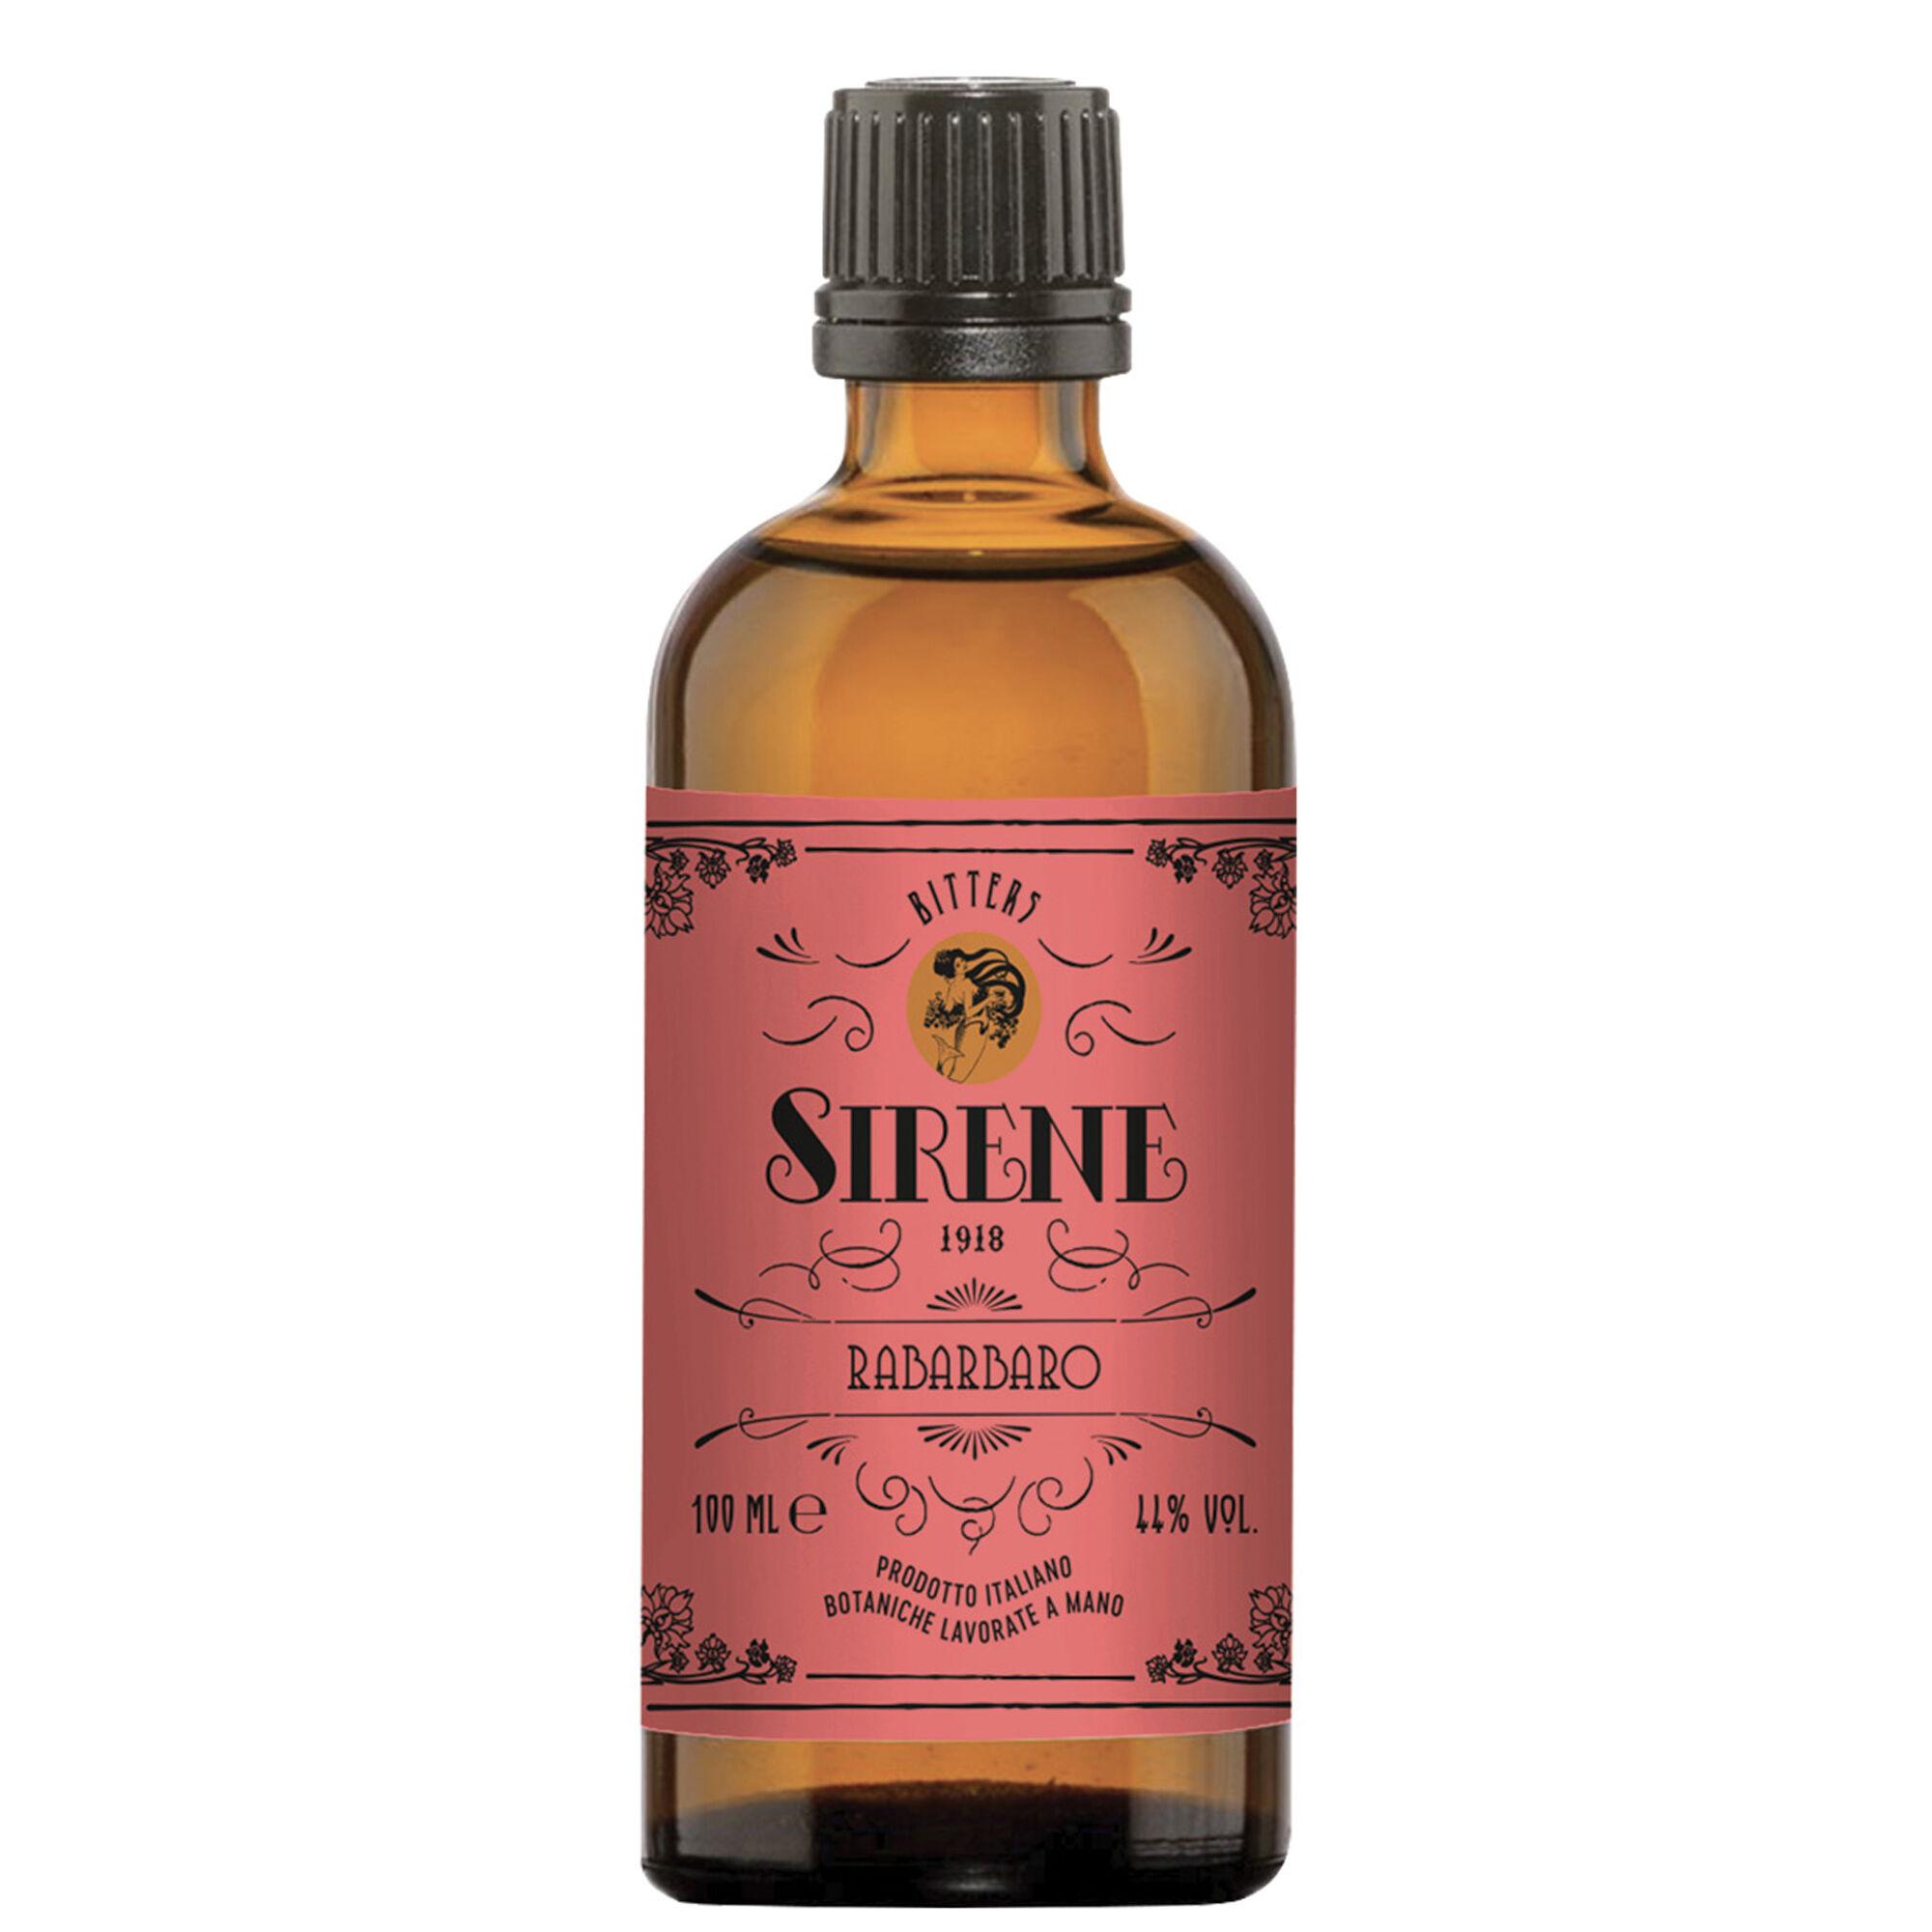 Sirene Bitter Aromatico Rabarbaro